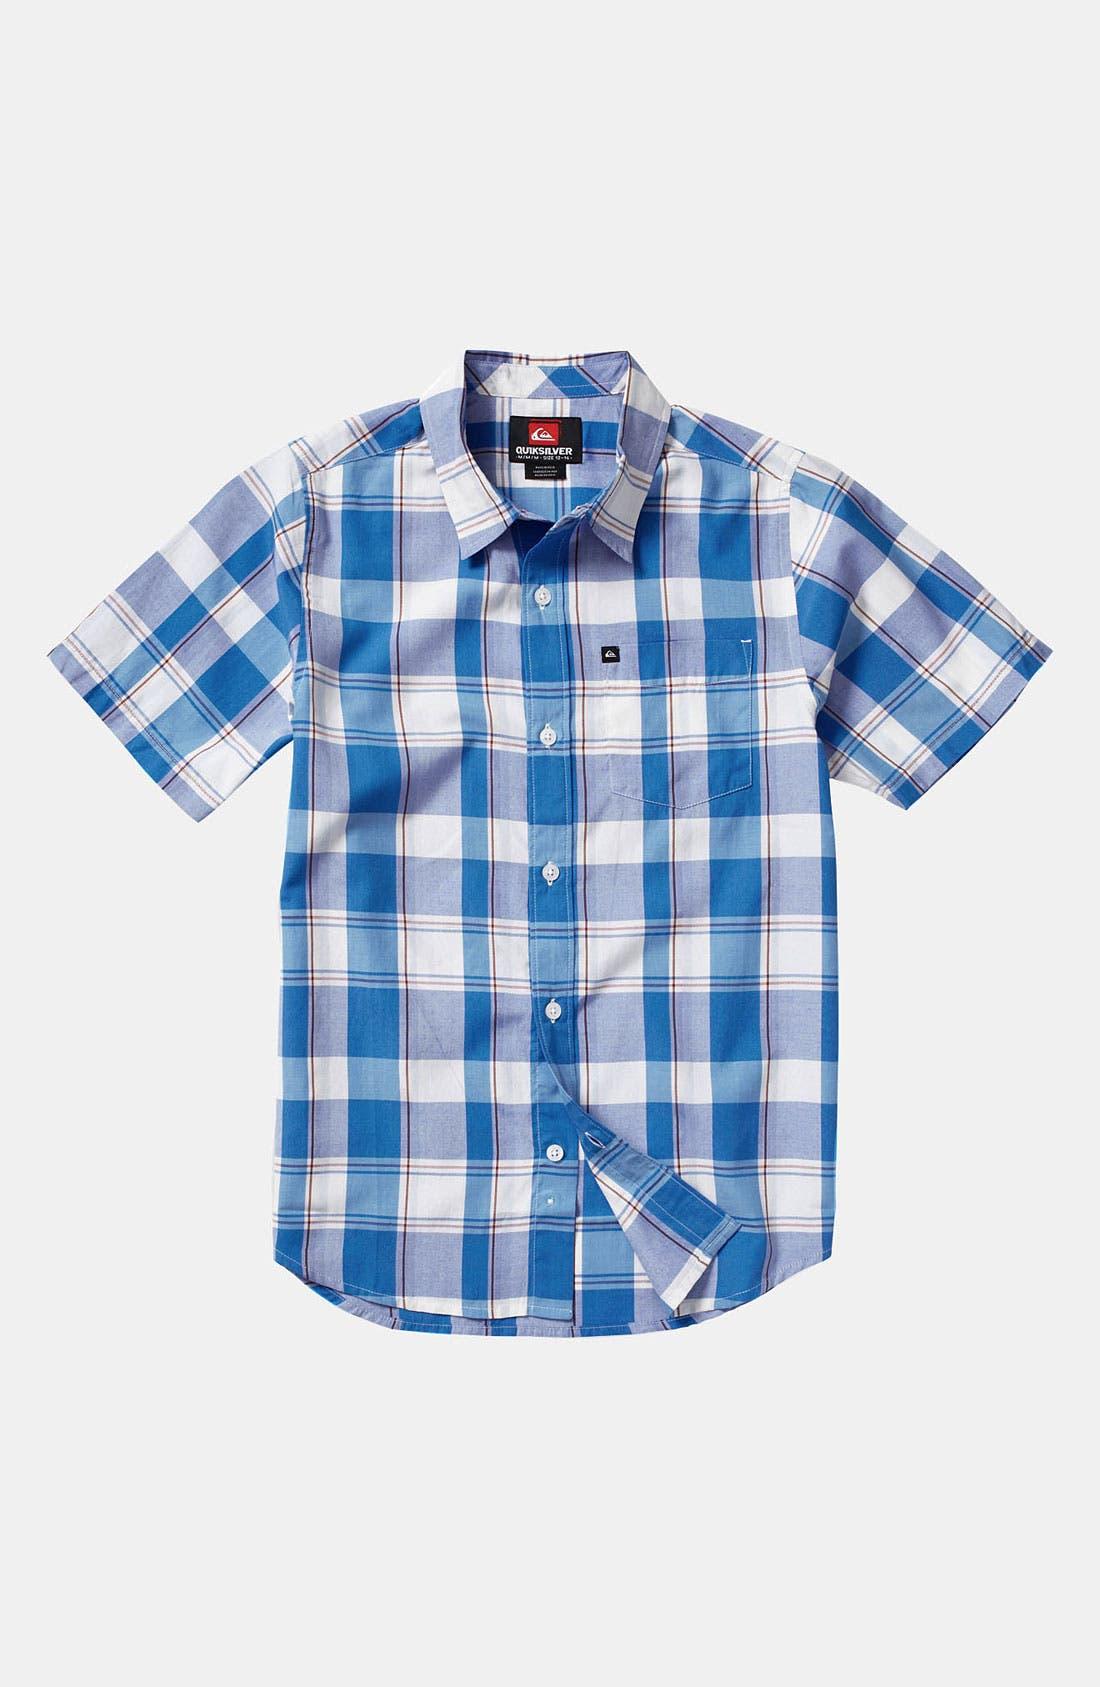 Alternate Image 1 Selected - Quiksilver 'El Pat' Woven Shirt (Toddler)